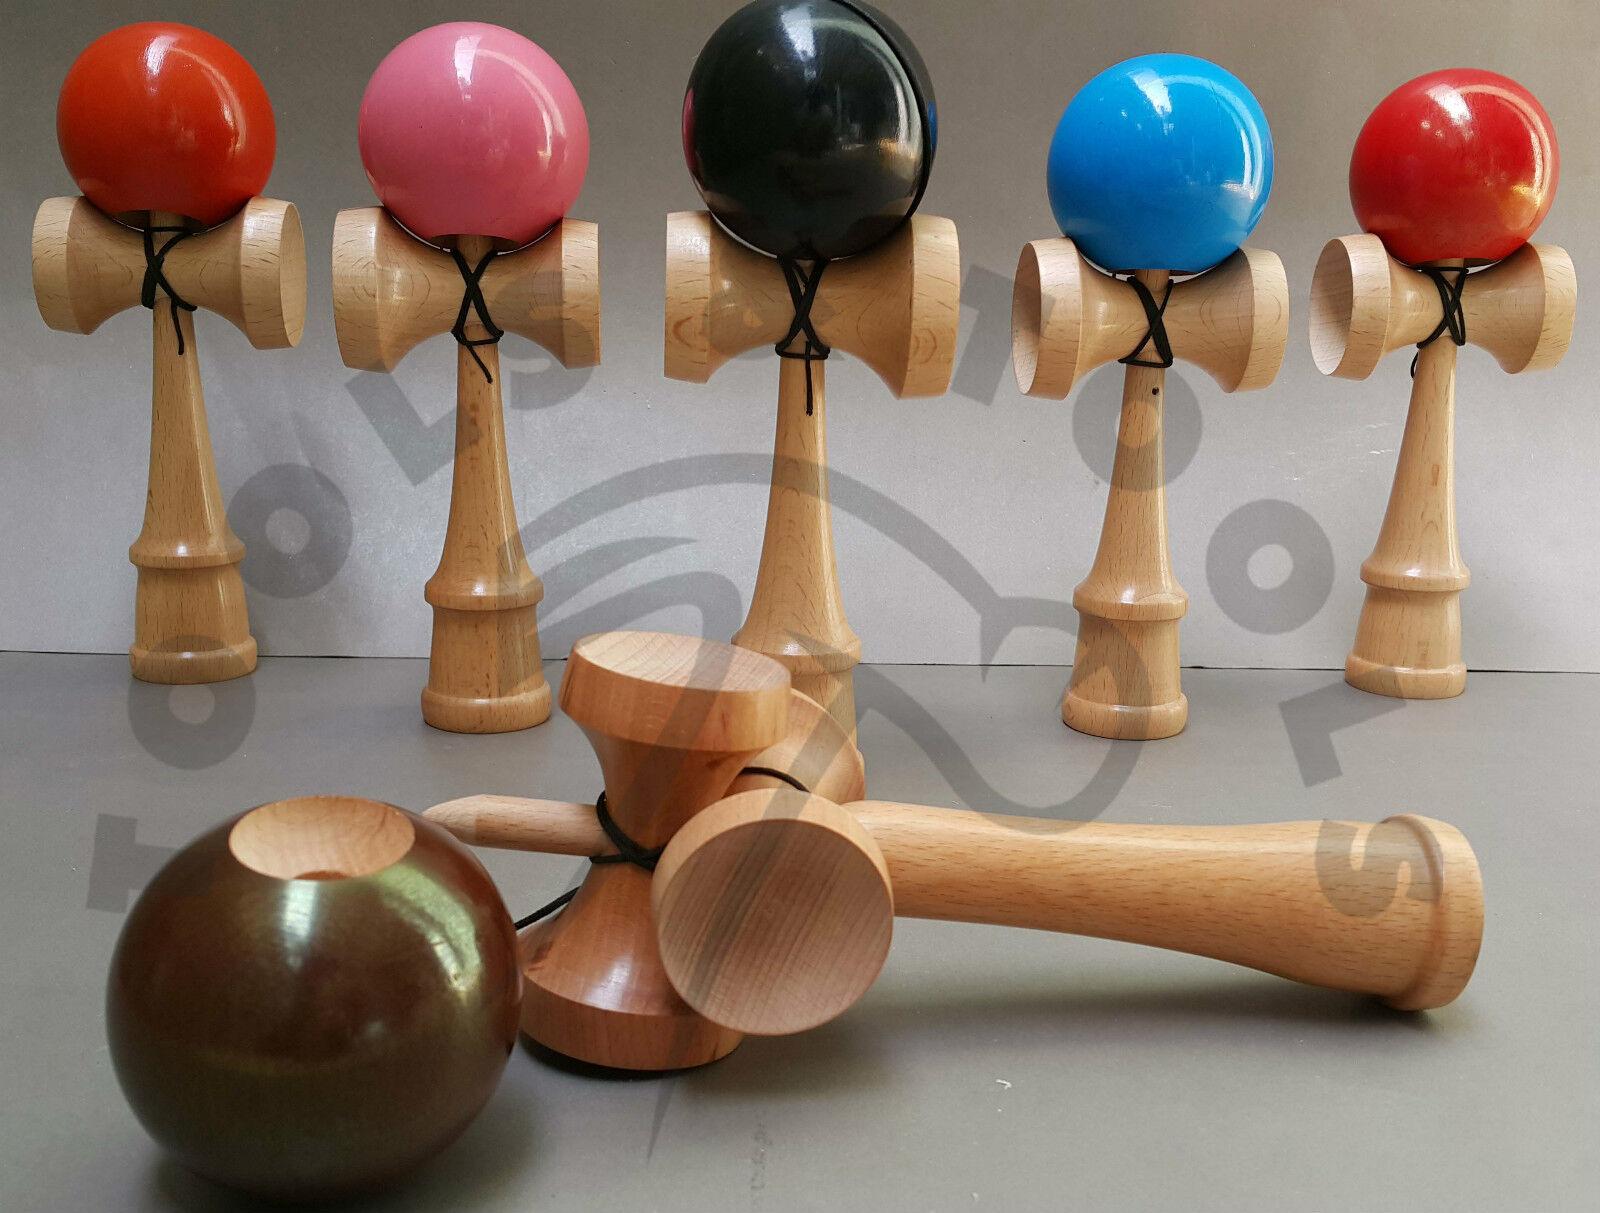 6 Stk Holz Kendama Set Buchenholz Wettbewerb Spec Spielzeug glänzende Oberfläche